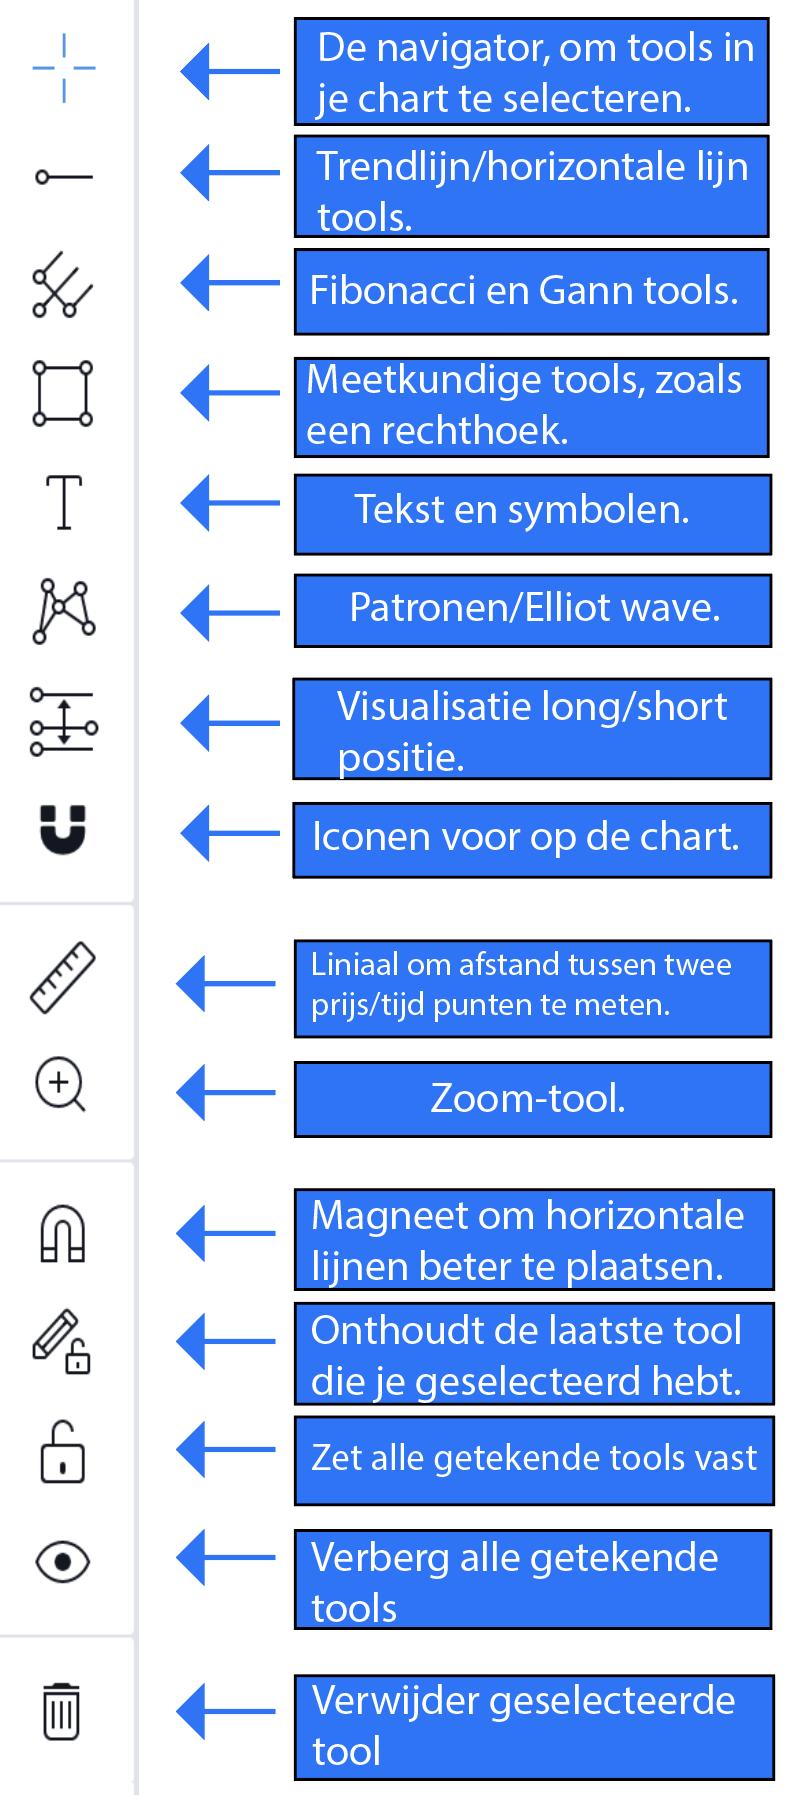 tradingview tools